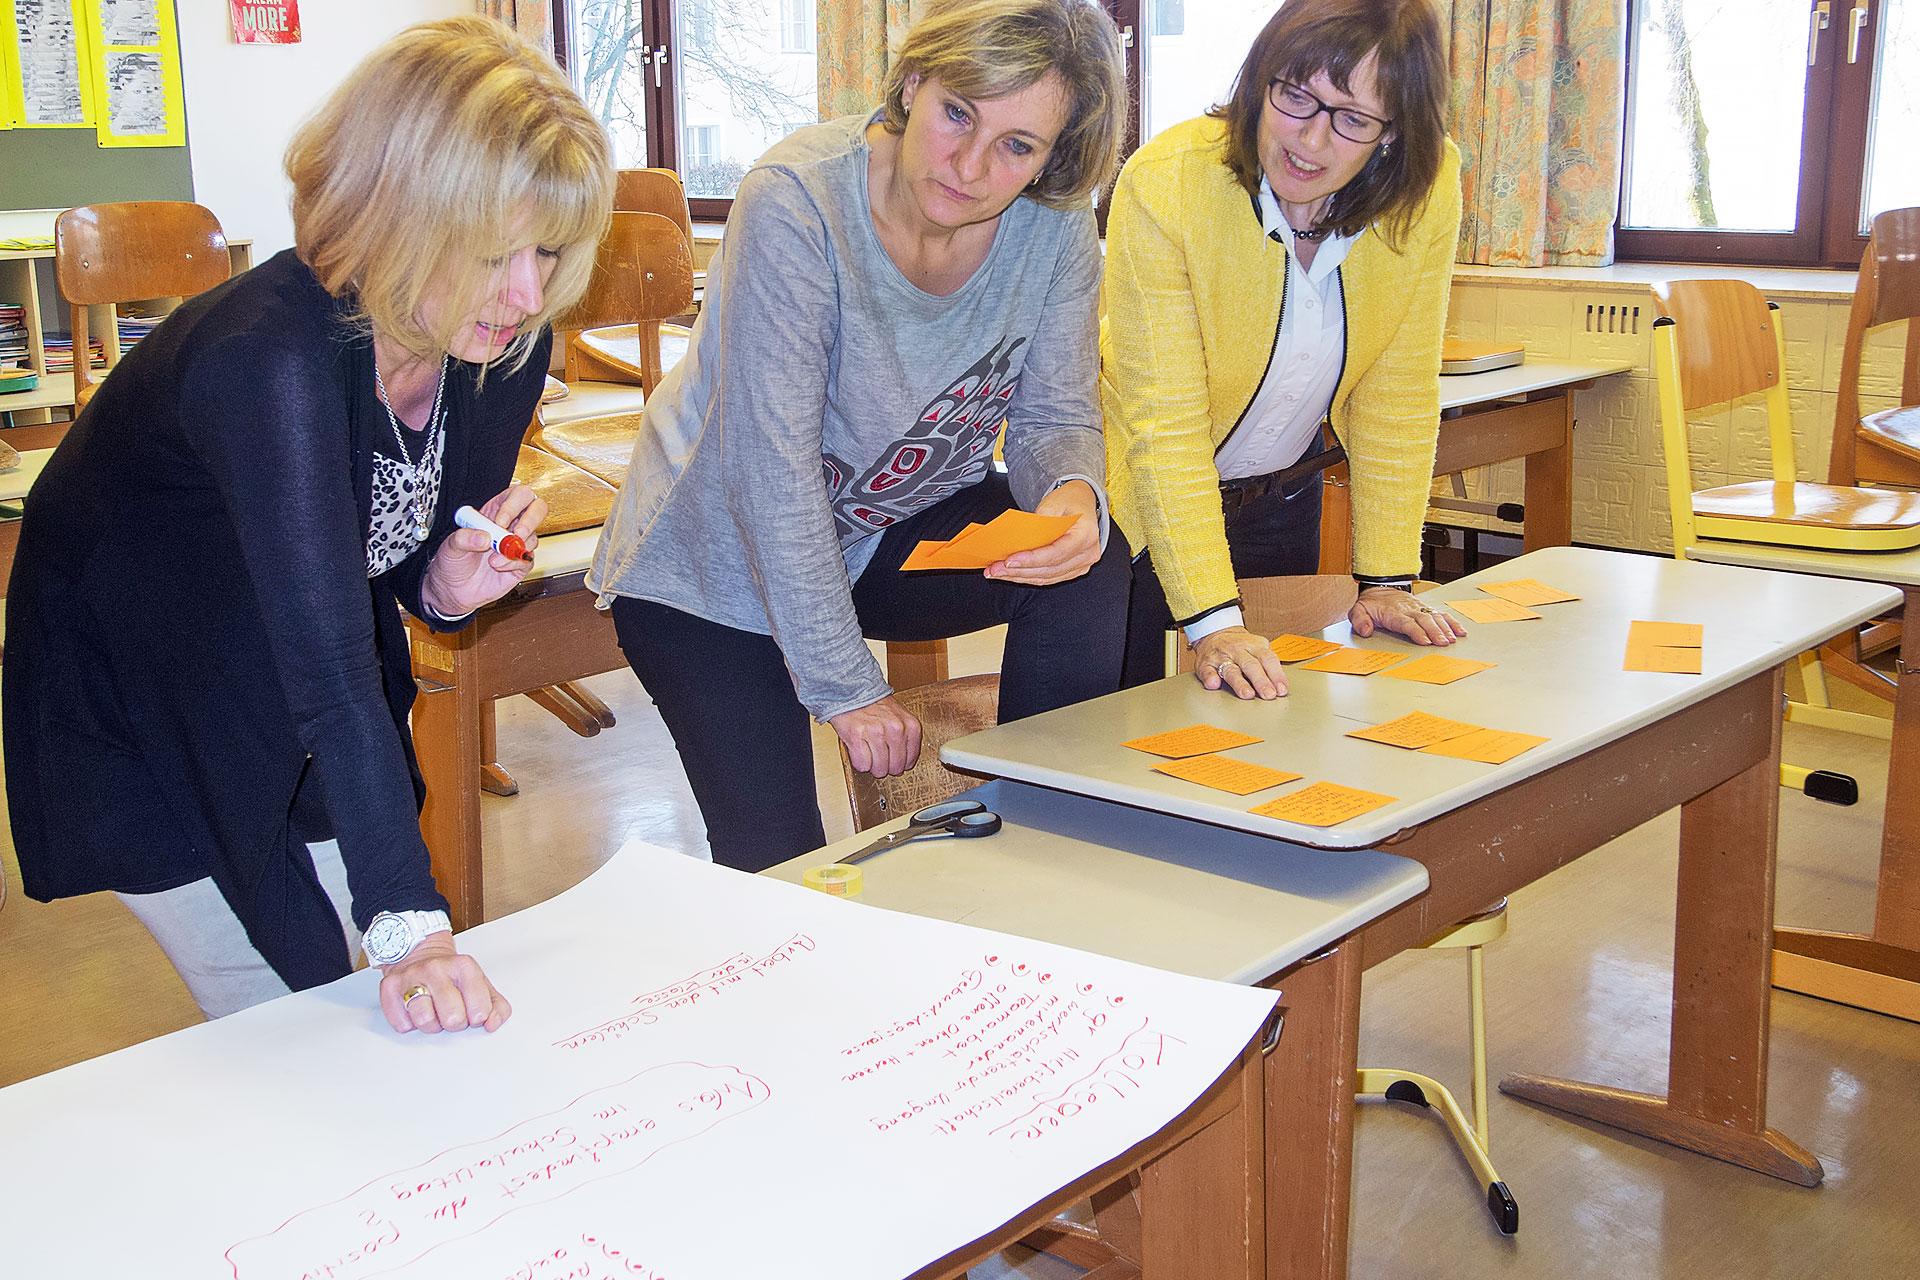 drei Lehrerinnen erstellen ein Plakat mit Ergebnissen aus einer Besprechung